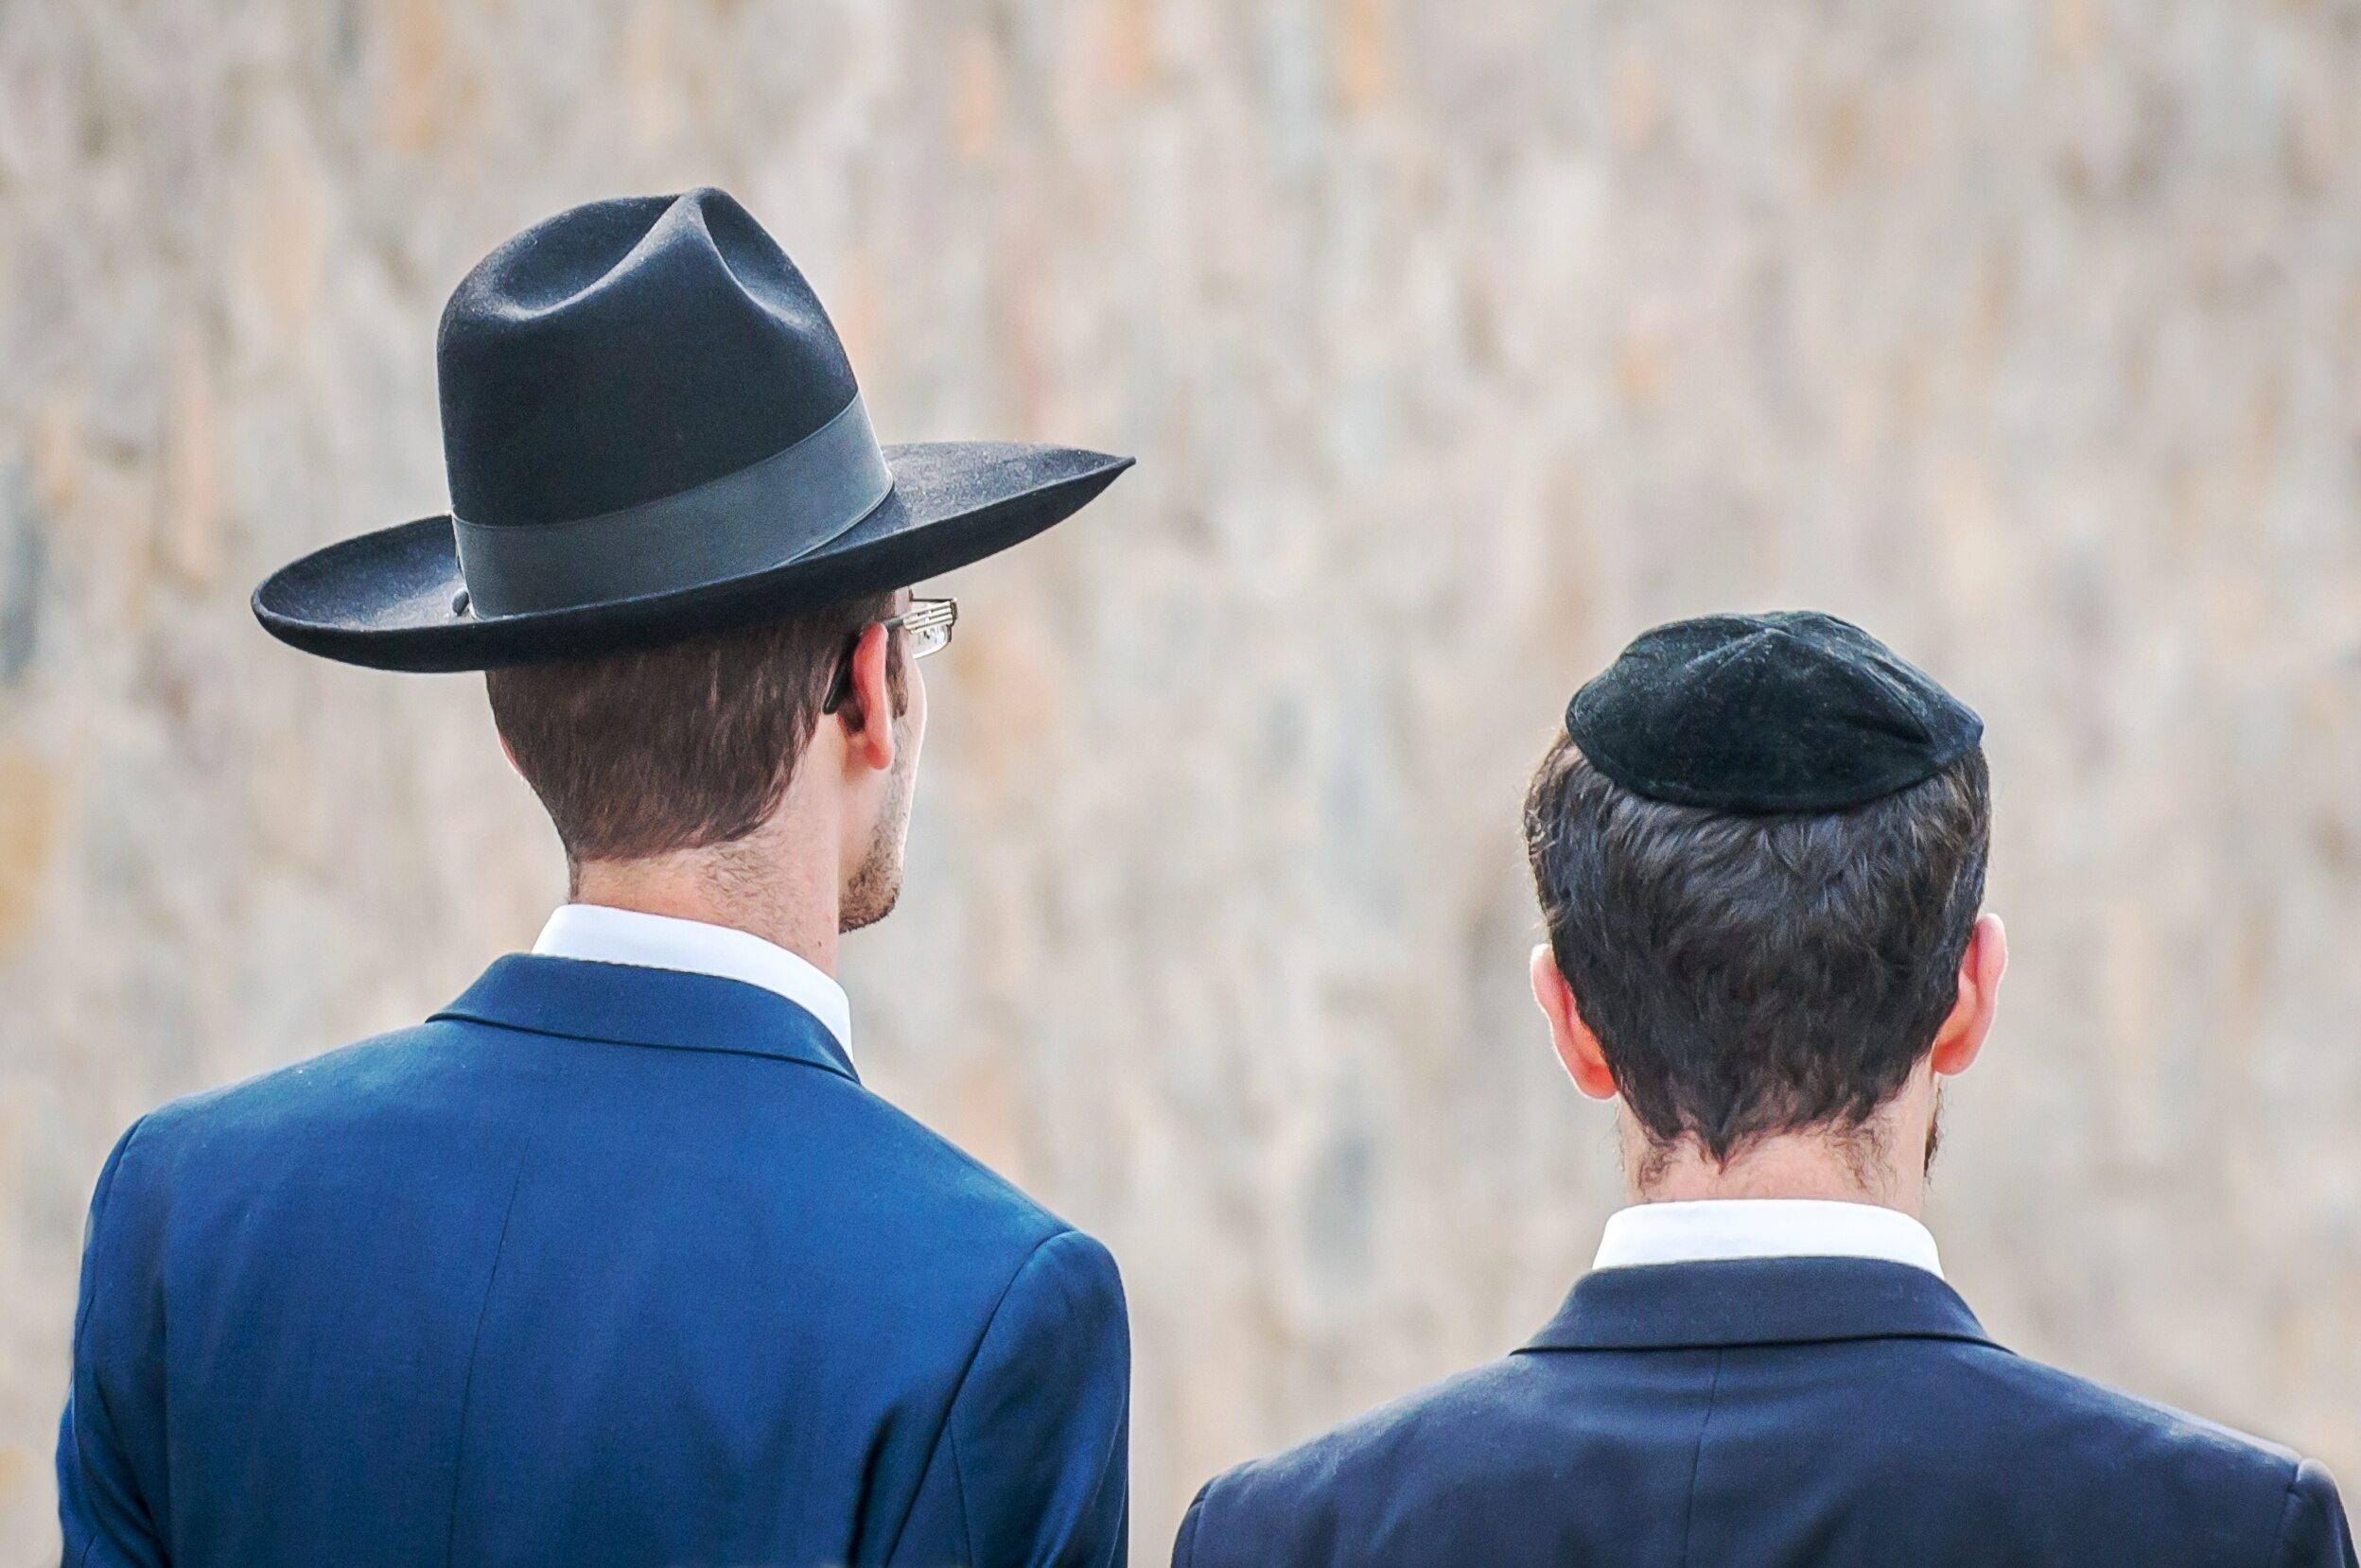 Żydzi w tradycyjnych nakryciach głowy, zdjęcie ilustracyjne